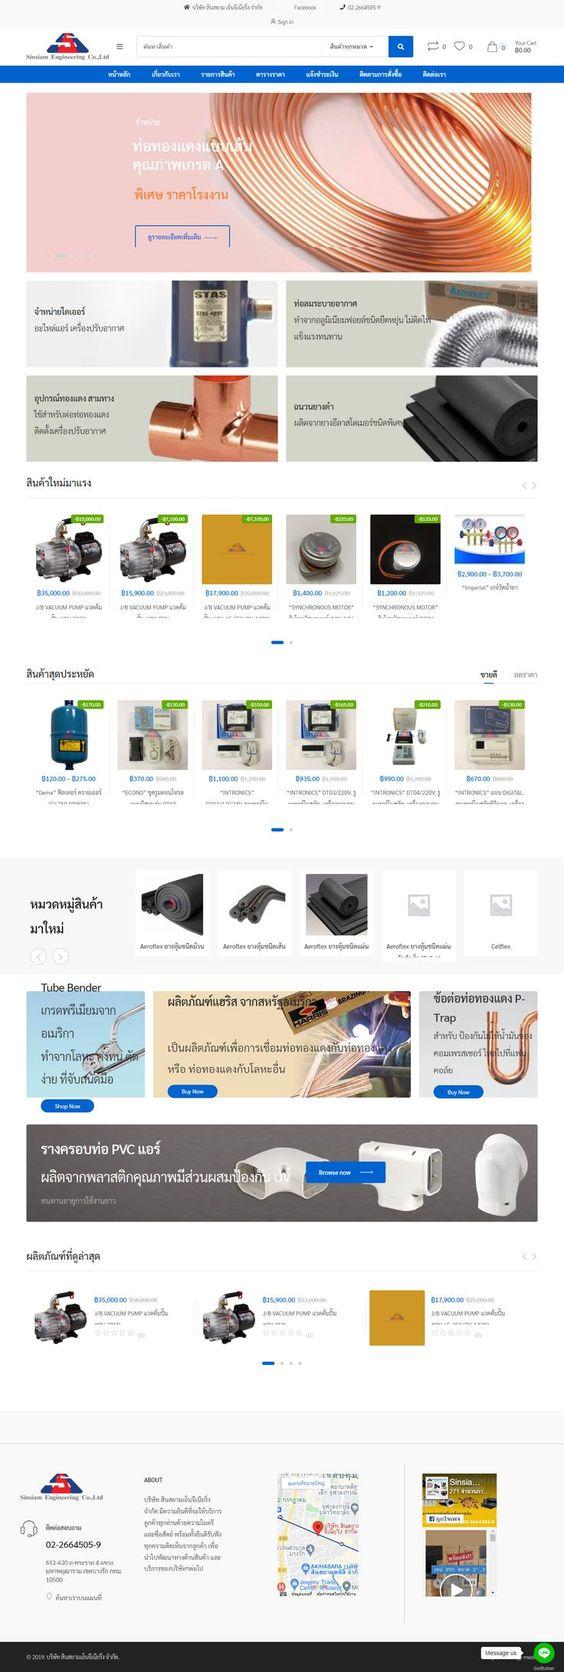 ออกแบบเว็บไซต์ บริษัท สินสยามเอ็นจีเนียริ่ง จำกัด